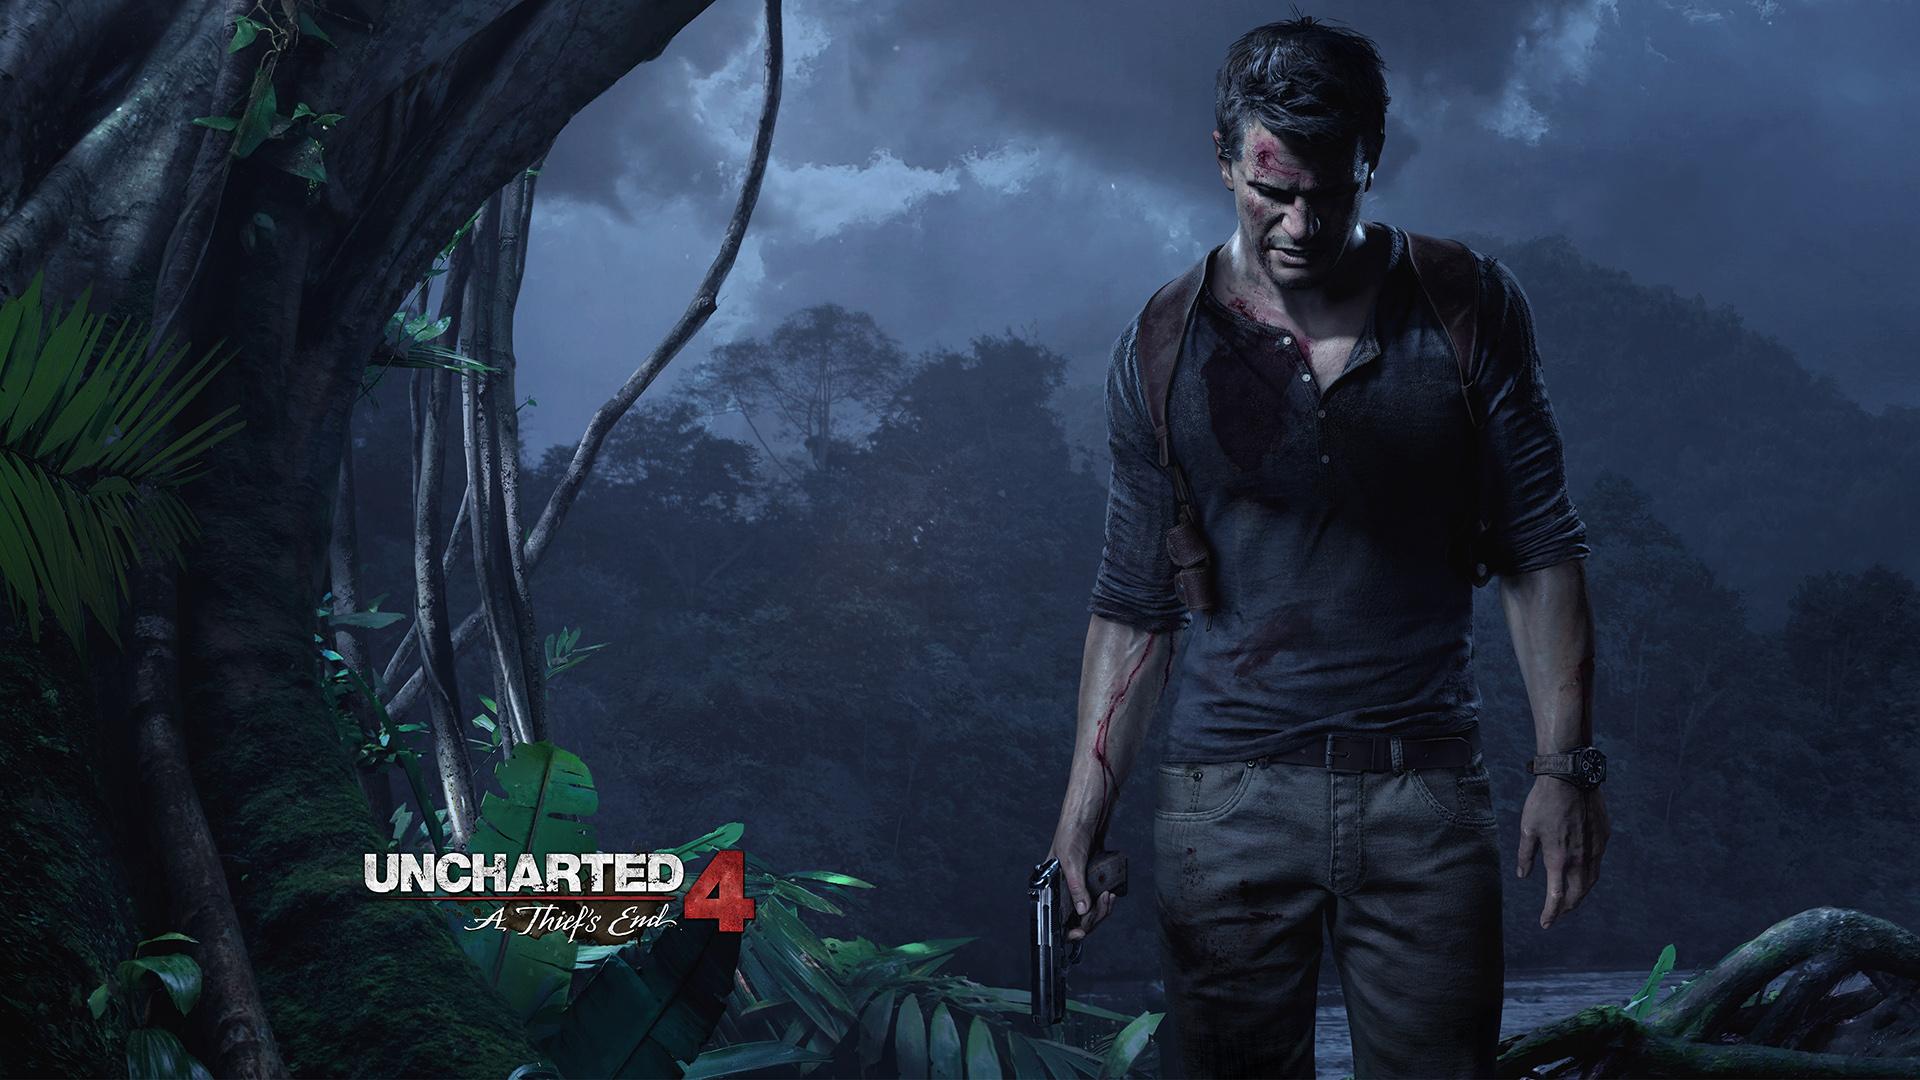 طبق امتیاز متاکریتیک Uncharted 4 بالاترین میانگین نمرات را در بین تمامی عناوین نسل هشتم دارا است